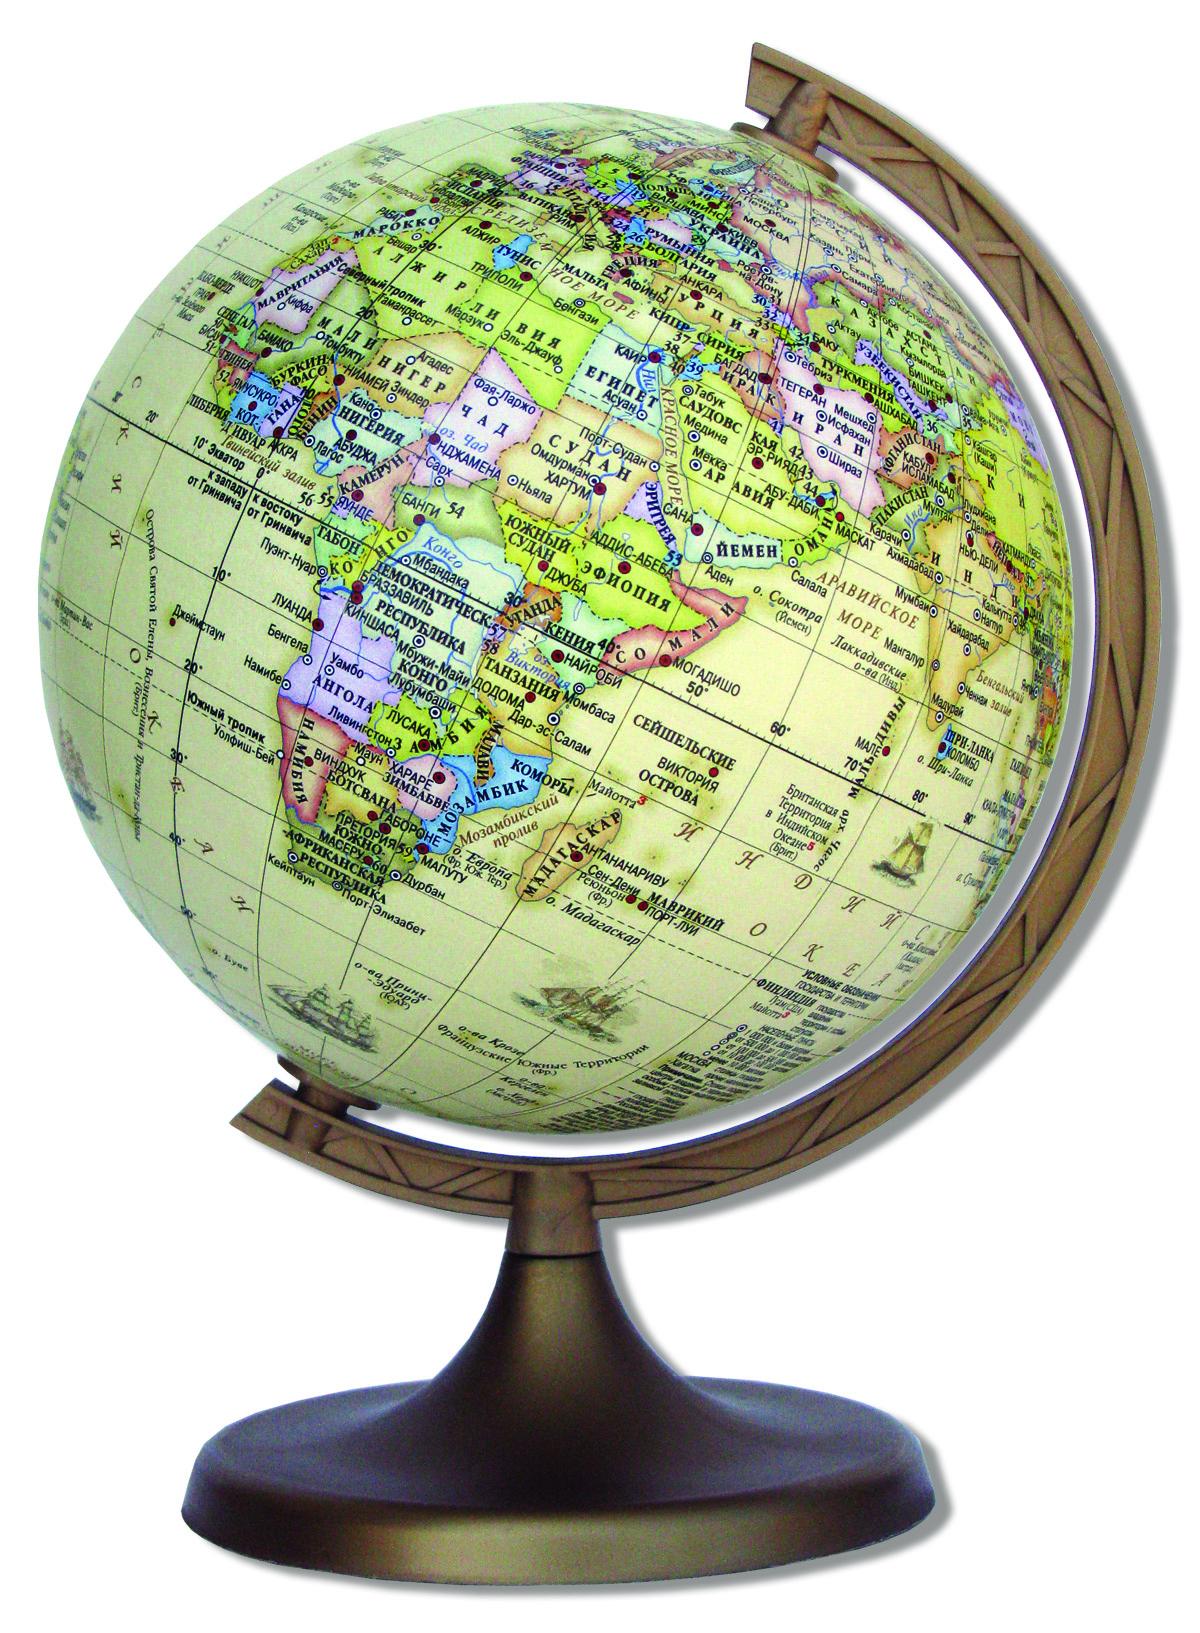 Глобус DMB Ретро, c политической картой мира, диаметр 25 см + Мини-энциклопедия Страны МираОСН1234036Политический глобус DMB Ретро, изготовленный из высококачественного прочного пластика, дает представление о политическом устройстве мира. Он напоминает глобусы, которые делали в старину, но с современными картами нынешней Земли. Как правило, карта таких глобусов является современной политической. Ретро глобусы очень популярны для домашнего и офисного оформления, потому что удачно вписываются в интерьер благодаря своему бежевому нежному цвету. Изделие расположено на подставке. Все страны мира раскрашены в разные цвета. На политическом глобусе показаны границы государств, столицы и крупные населенные пункты, а также картографические линии: параллели и меридианы, линия перемены дат. Названия стран на глобусе приведены на русском языке. Ничто так не обеспечивает всестороннего и детального изучения политического устройства мира в таком сжатом и объемном образе, как политический глобус. Сделайте первый шаг в стимулирование своего обучения! К глобусу...